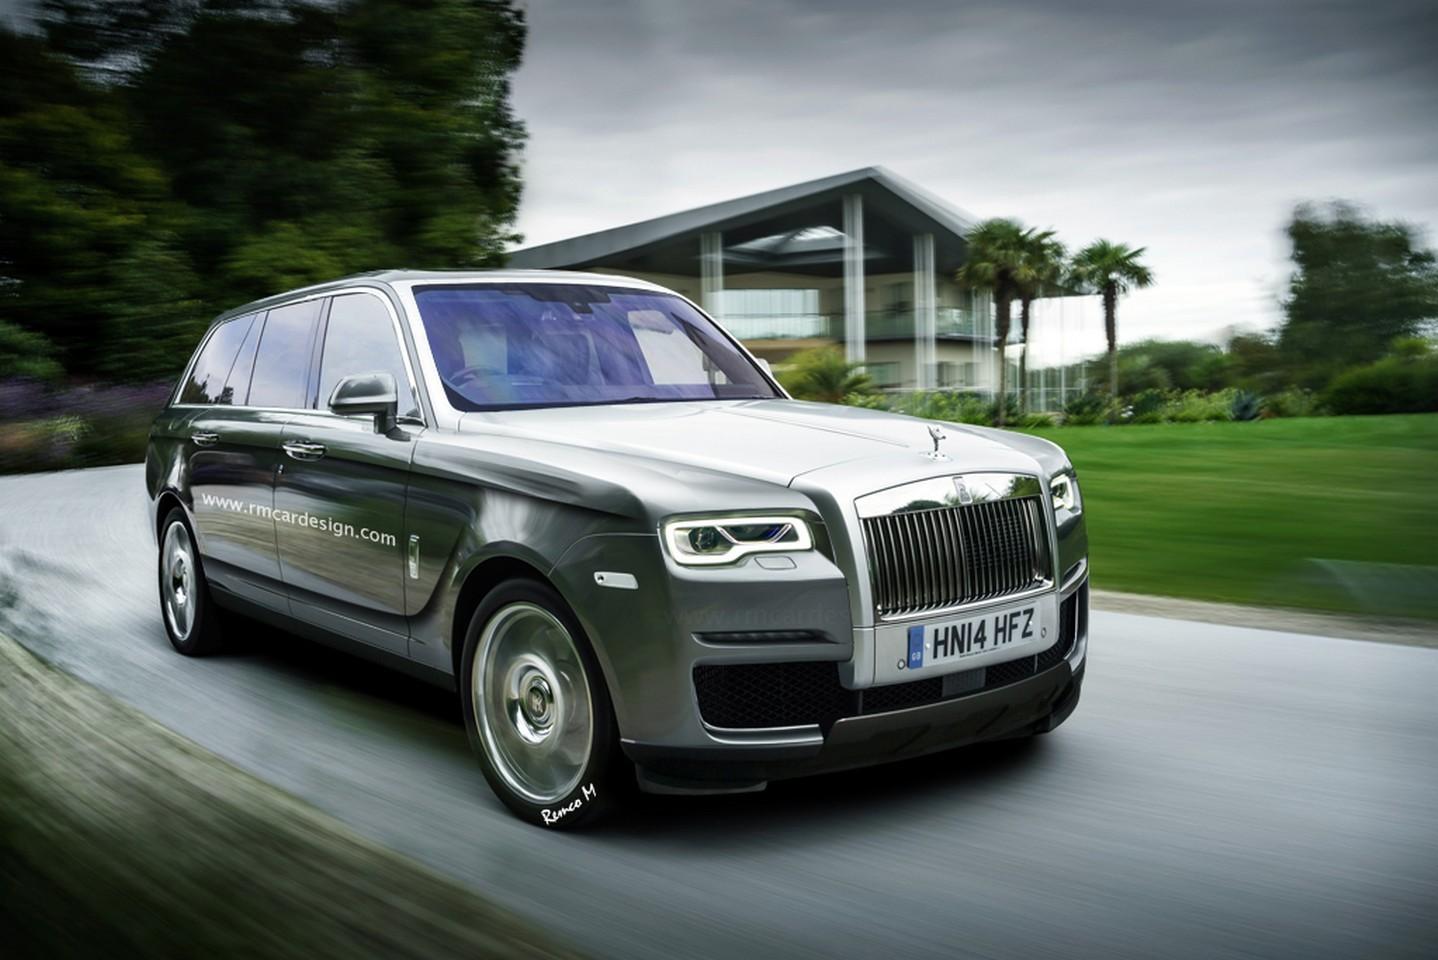 2017 - [Rolls-Royce] SUV Cullinan - Page 6 000